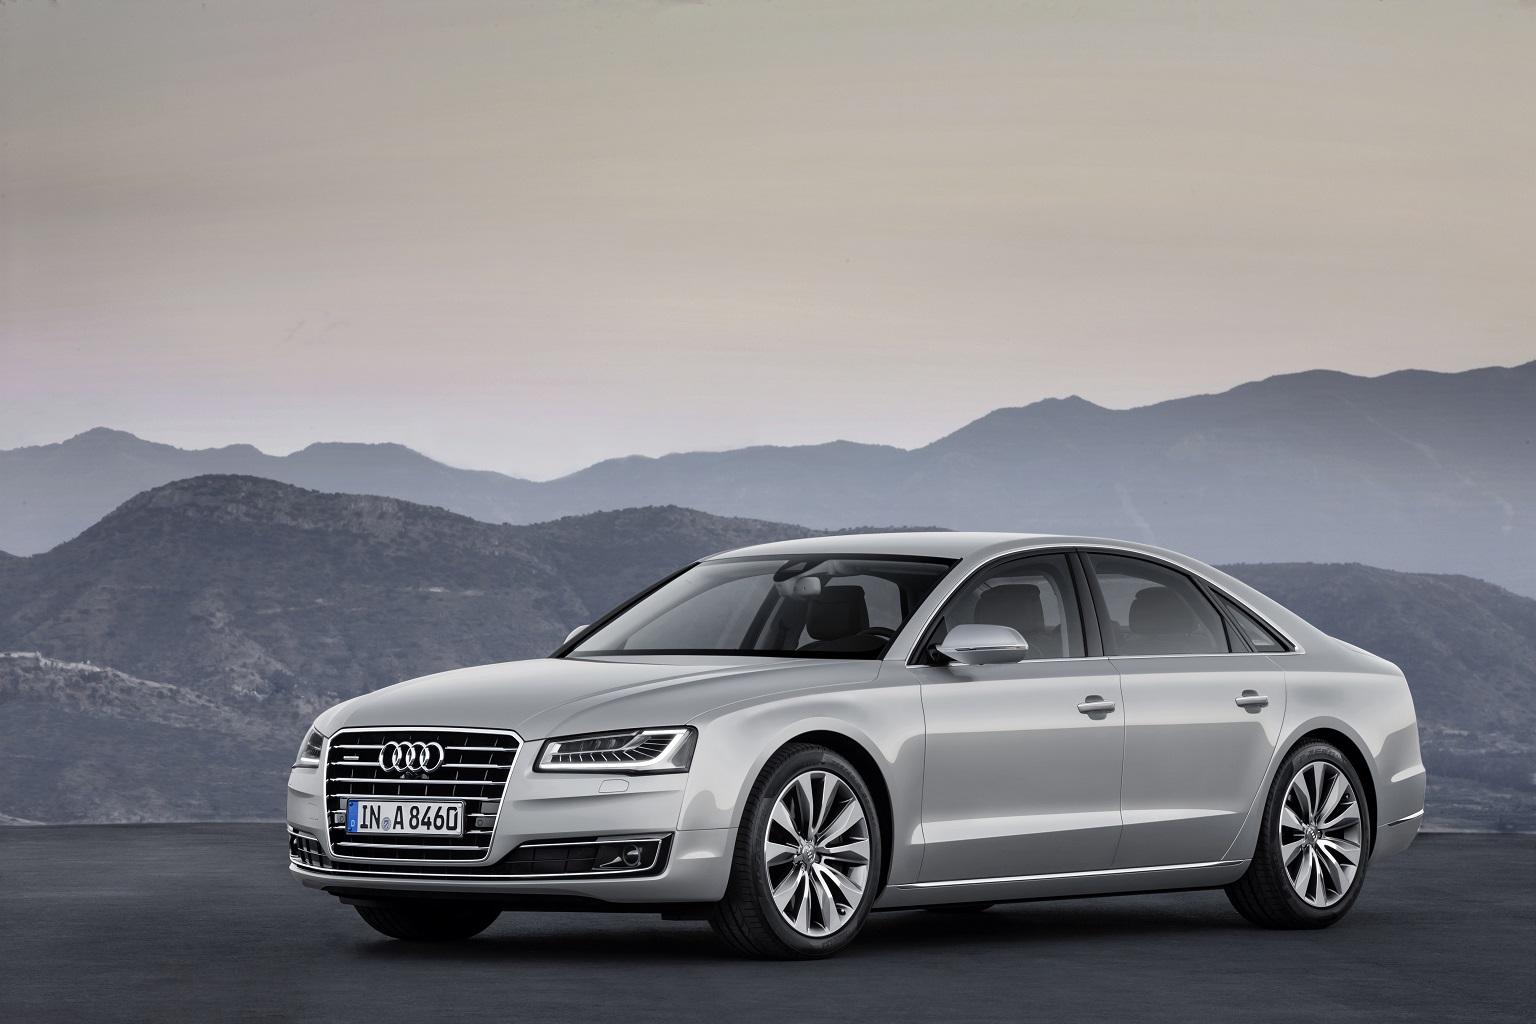 2014 Audi A8 TFSI